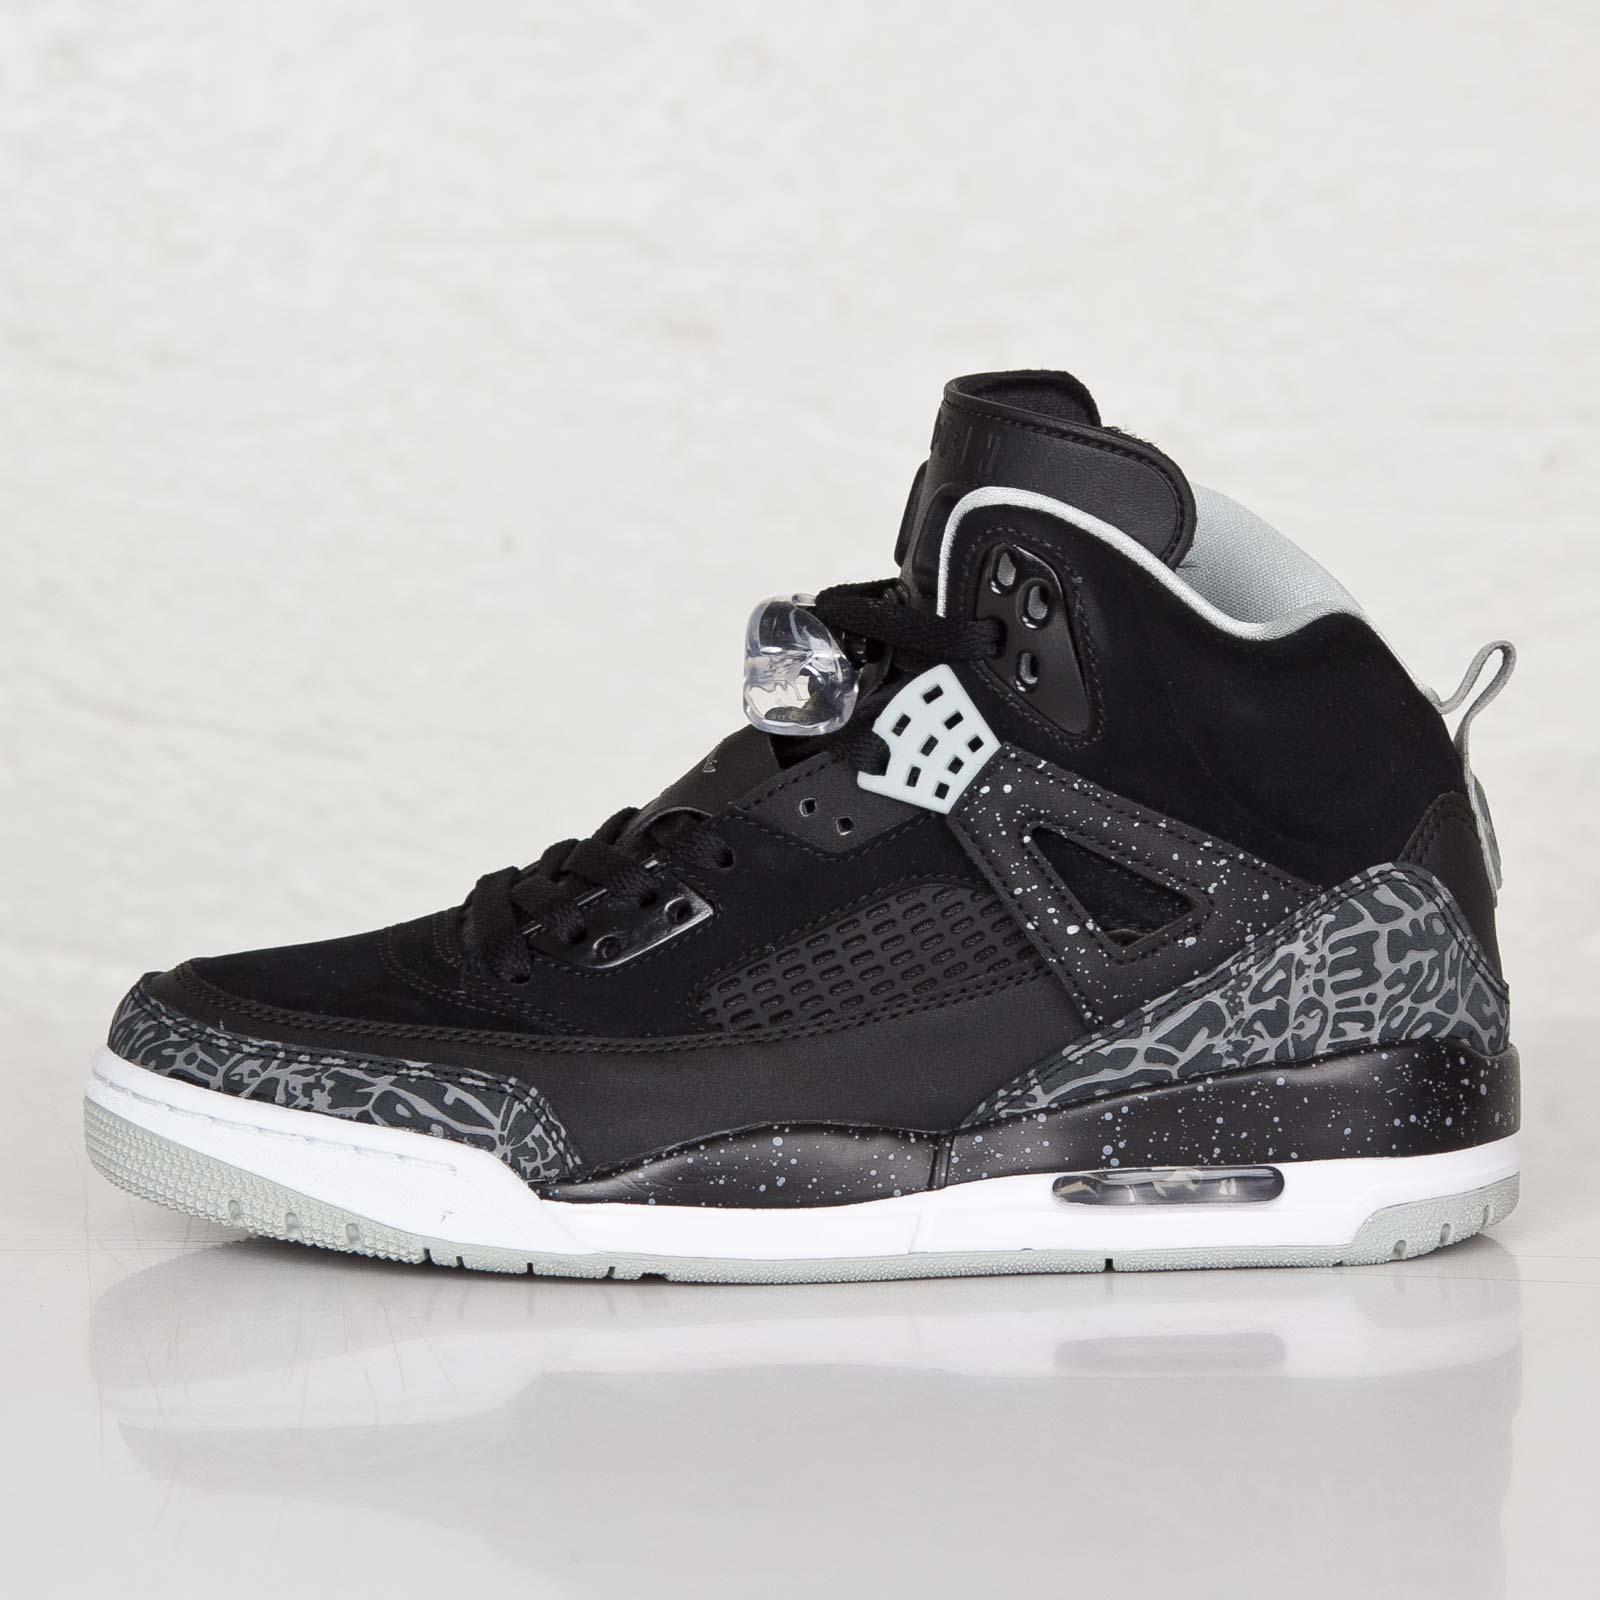 on sale d7585 f357e Jordan Brand Jordan Spizike - 315371-004 - Sneakersnstuff   sneakers    streetwear online since 1999